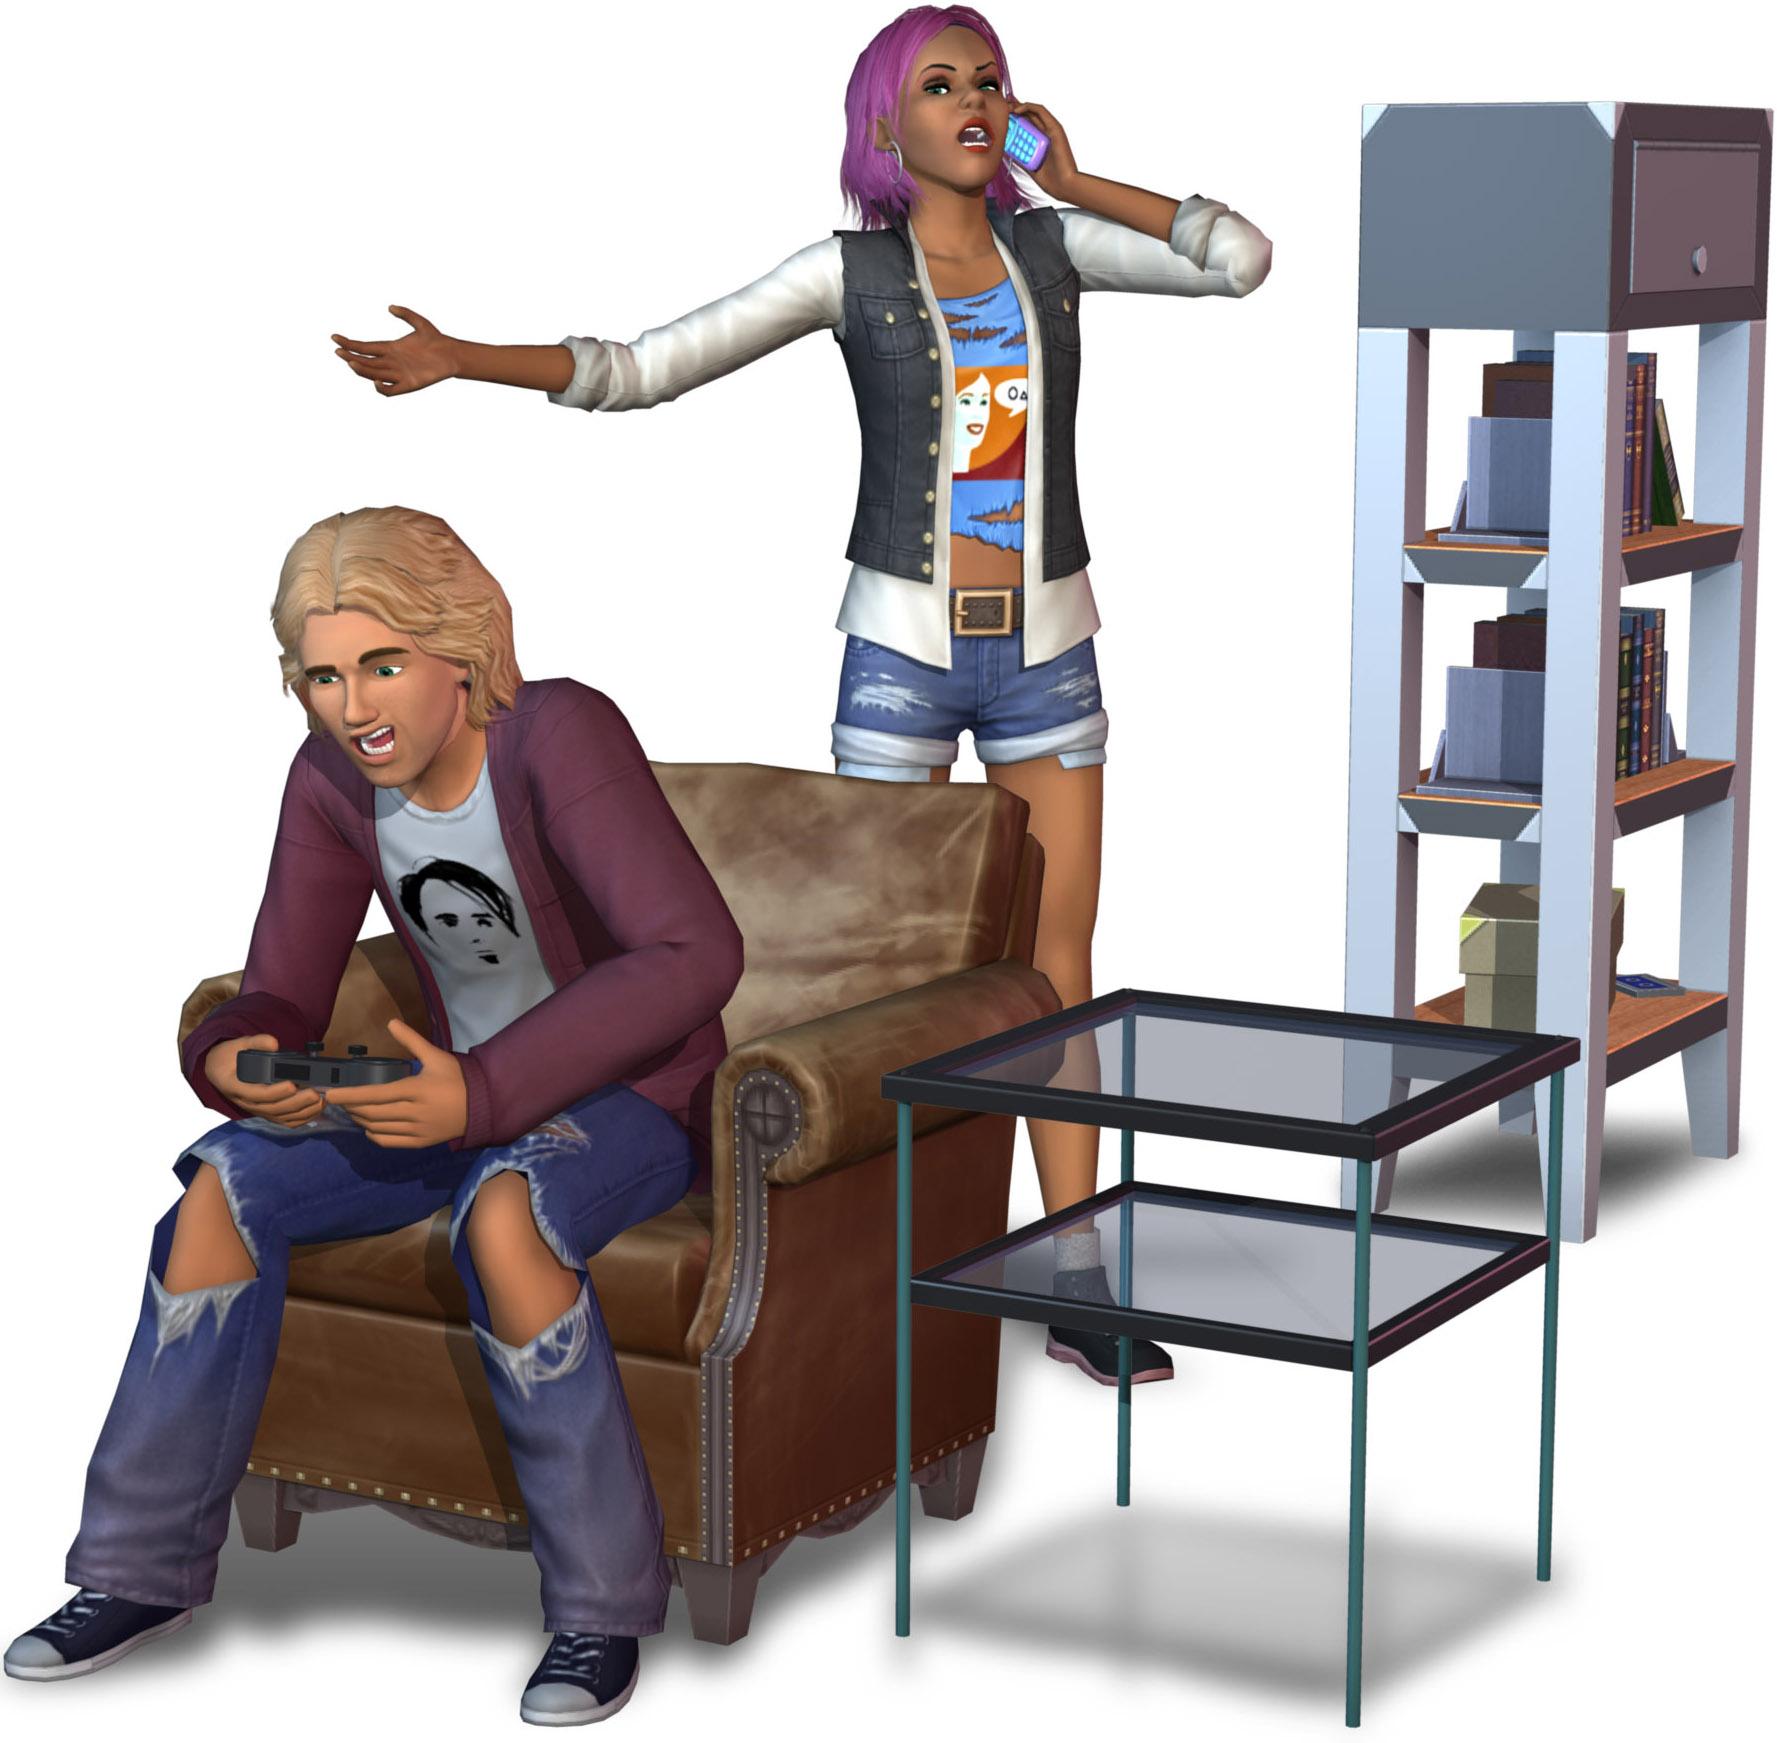 die sims 3 70er 80er 90er accessoires add on pc games. Black Bedroom Furniture Sets. Home Design Ideas